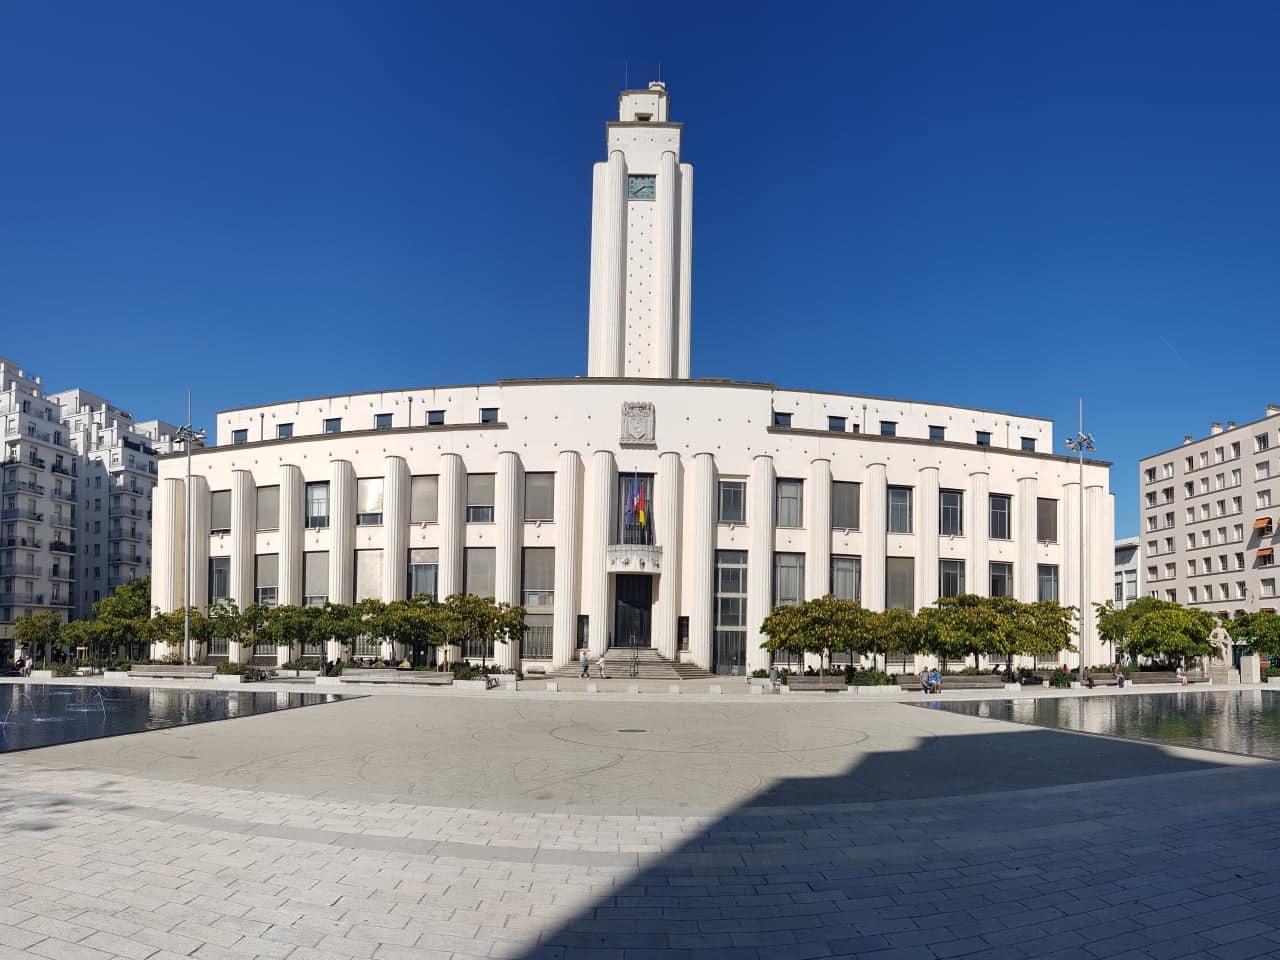 Comment la Mairie de Villeubanne favorise la démocratie locale ?